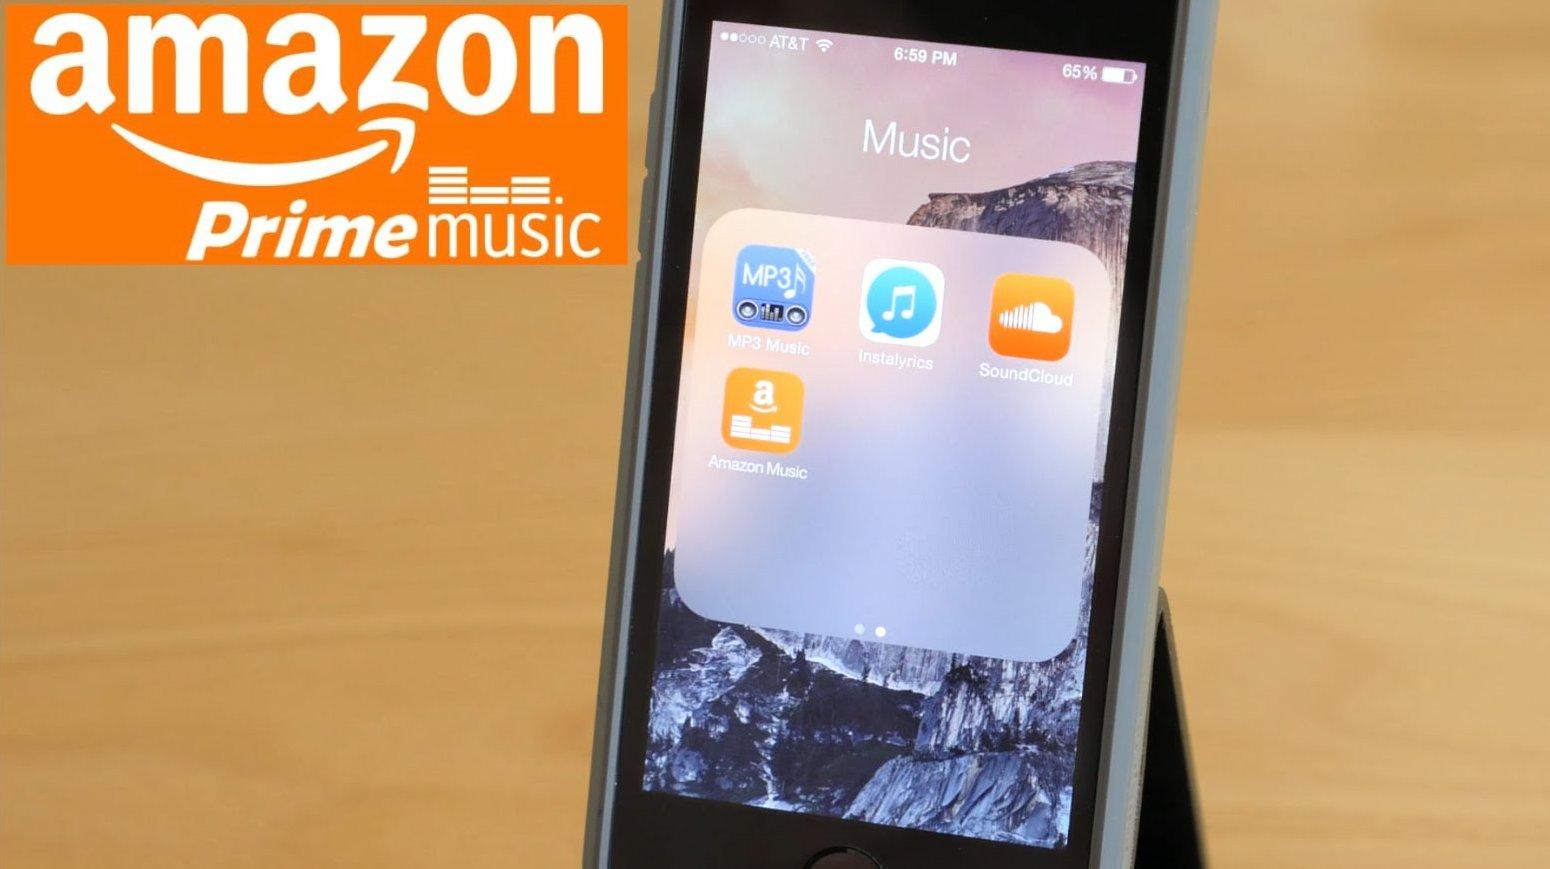 img 5a26621e33971 - 【おすすめ5選】androidの音楽ストリーミングアプリ